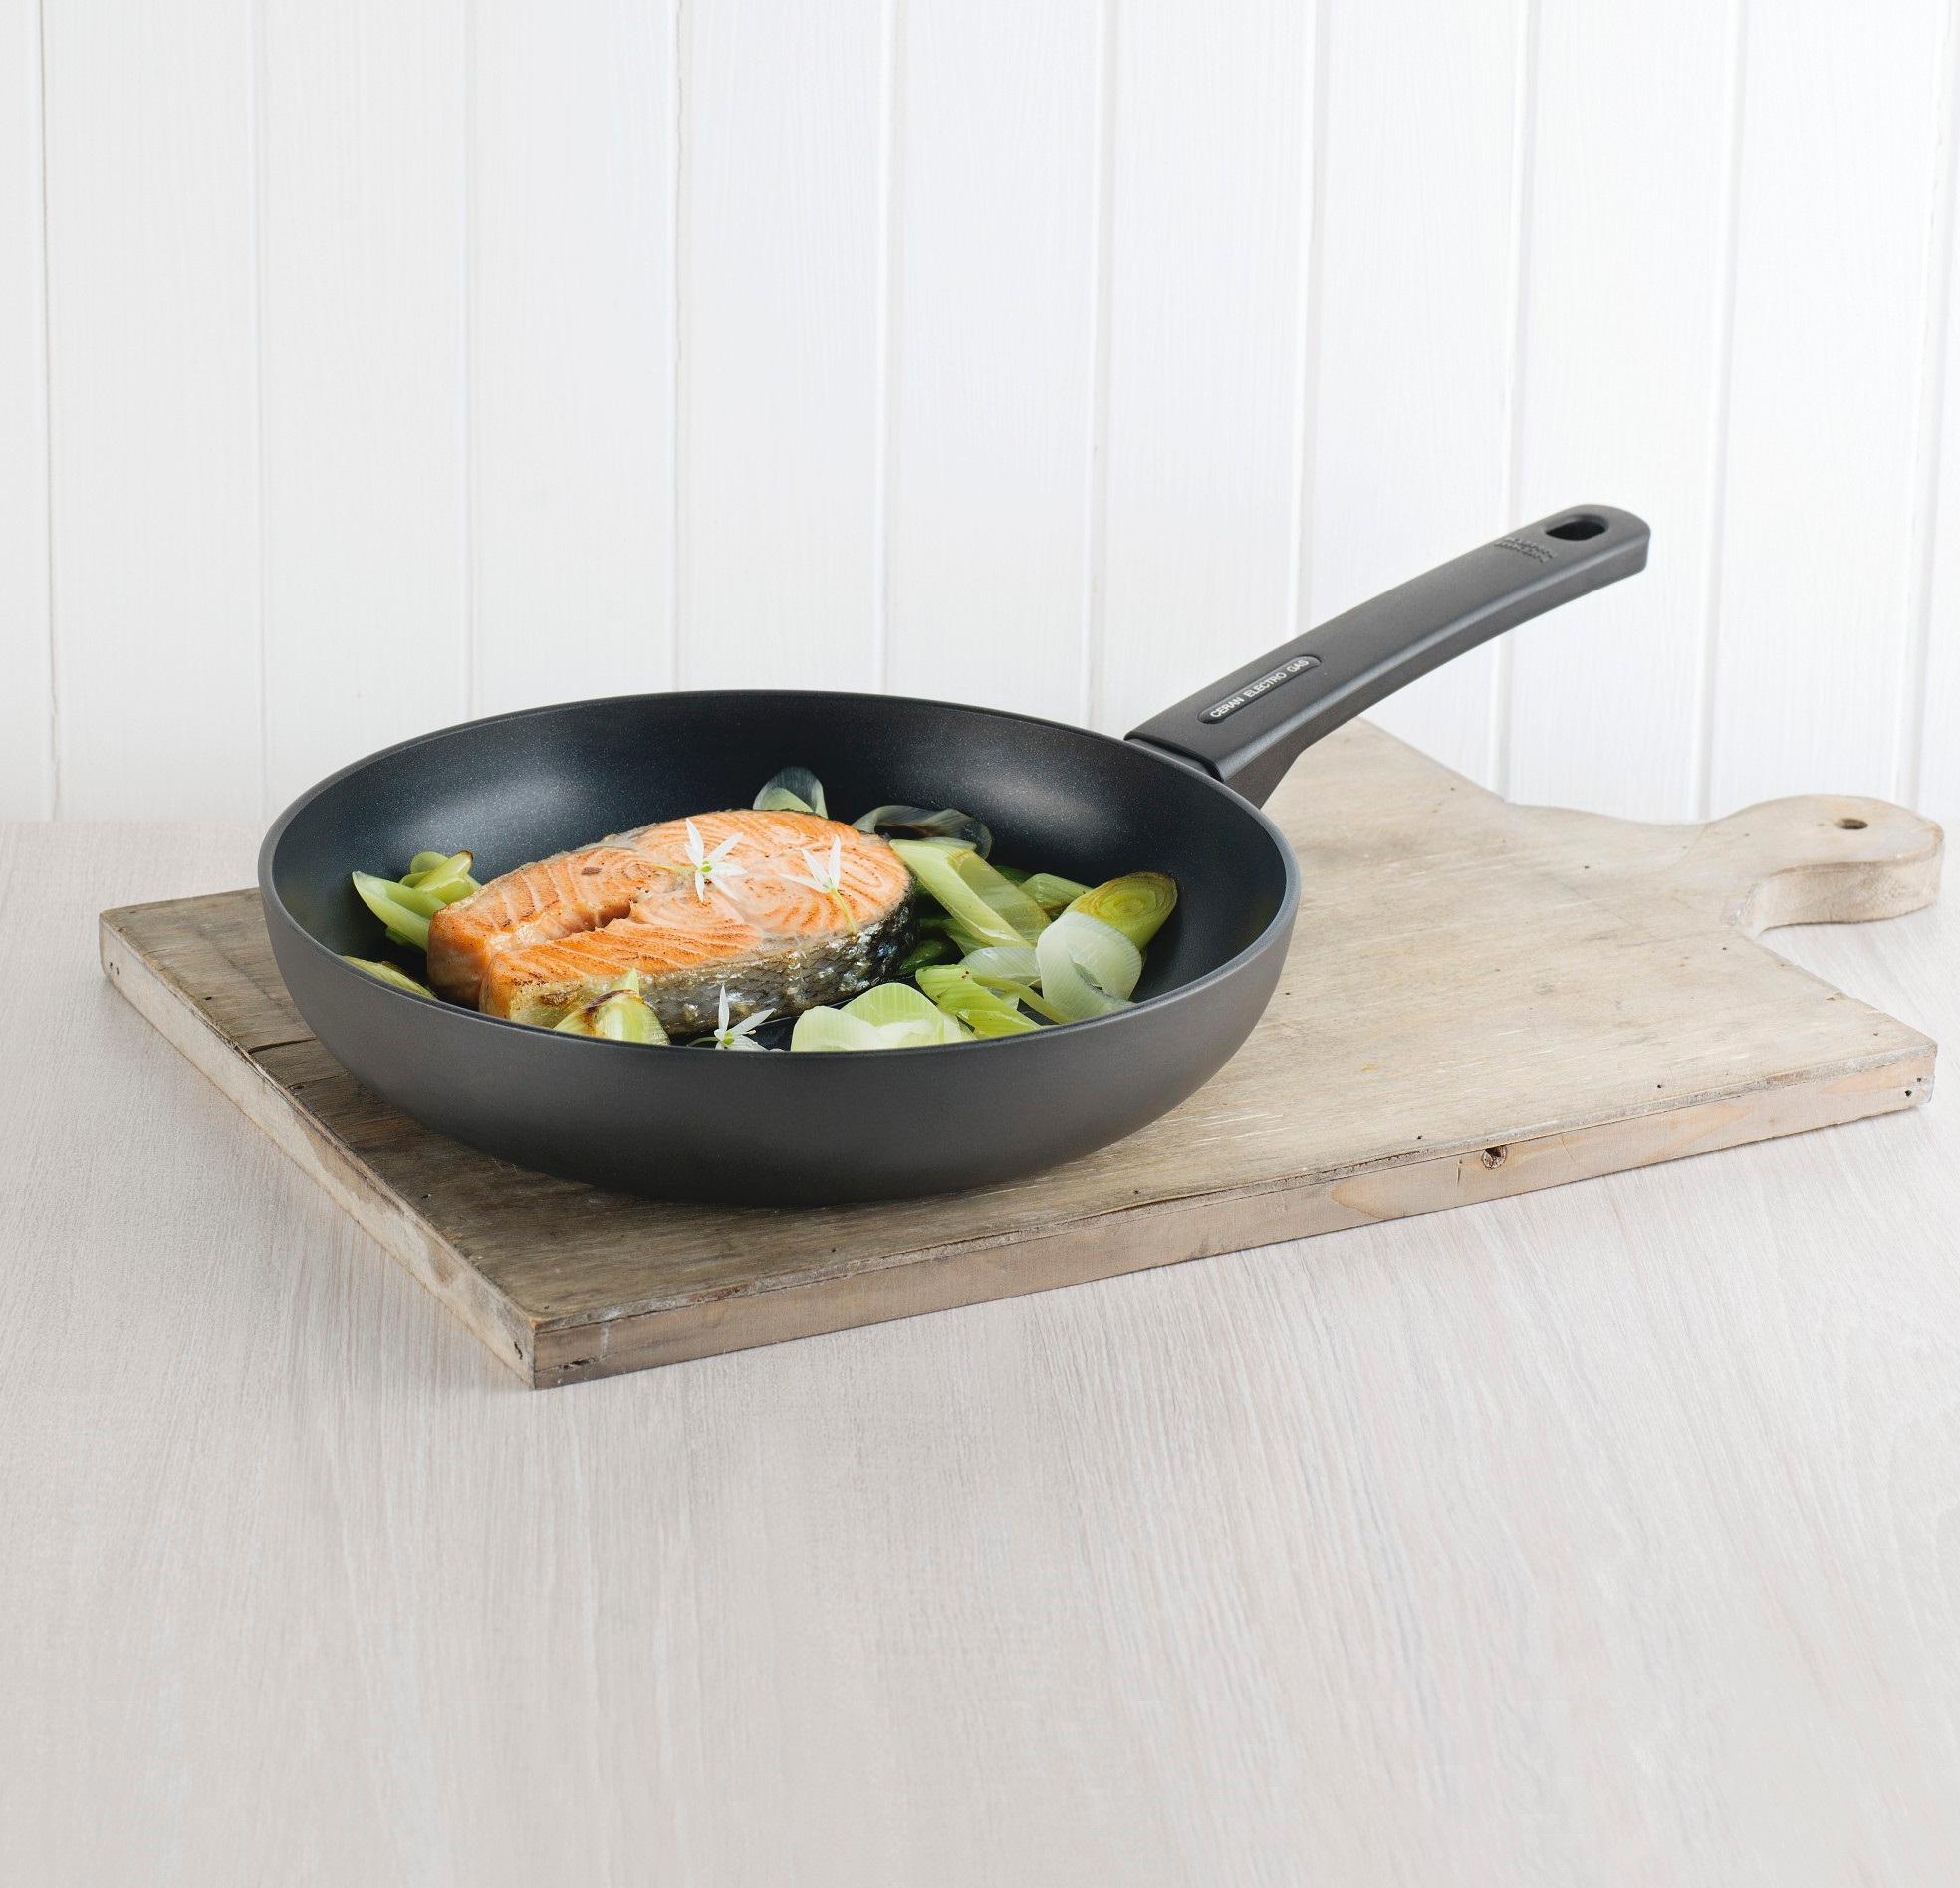 KUHN RIKON Cucina - Sartén, 22 cm